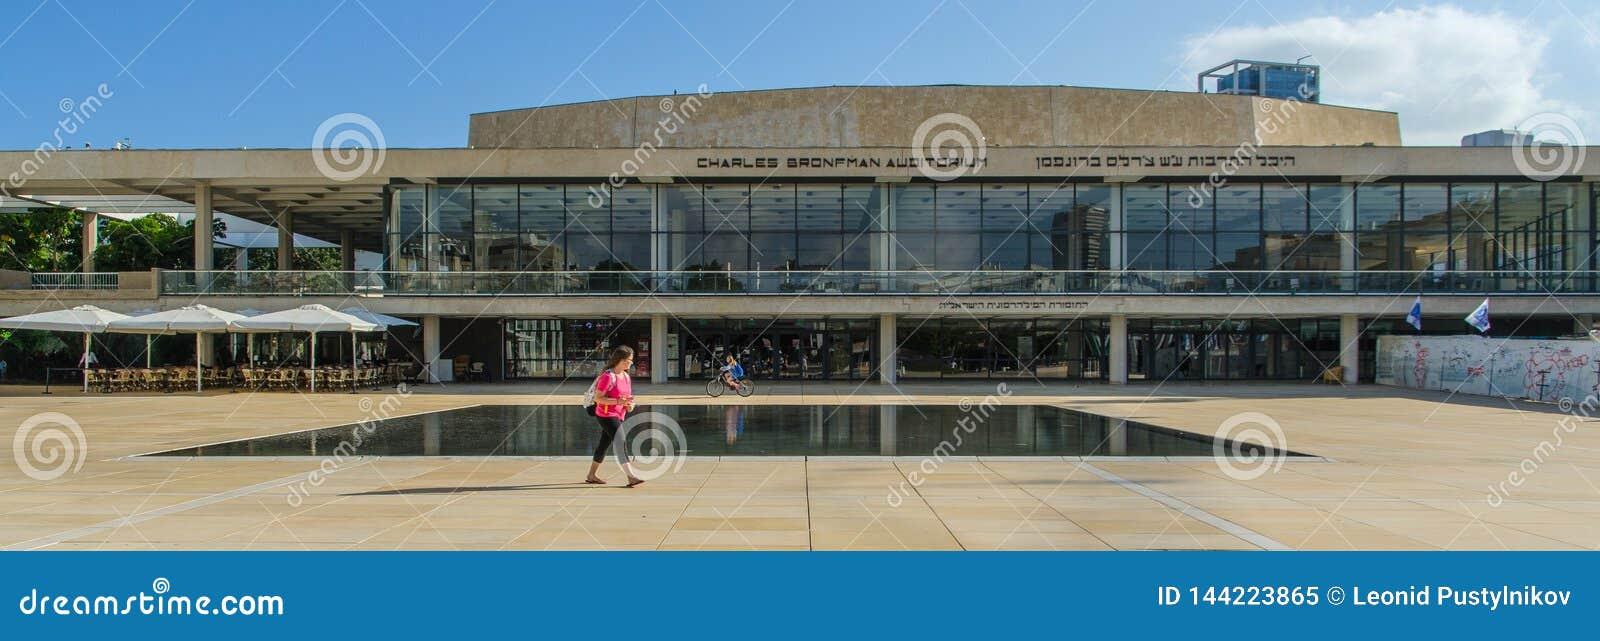 Charles Bronfman Auditorium wordt gevestigd in Tel Aviv, Israël